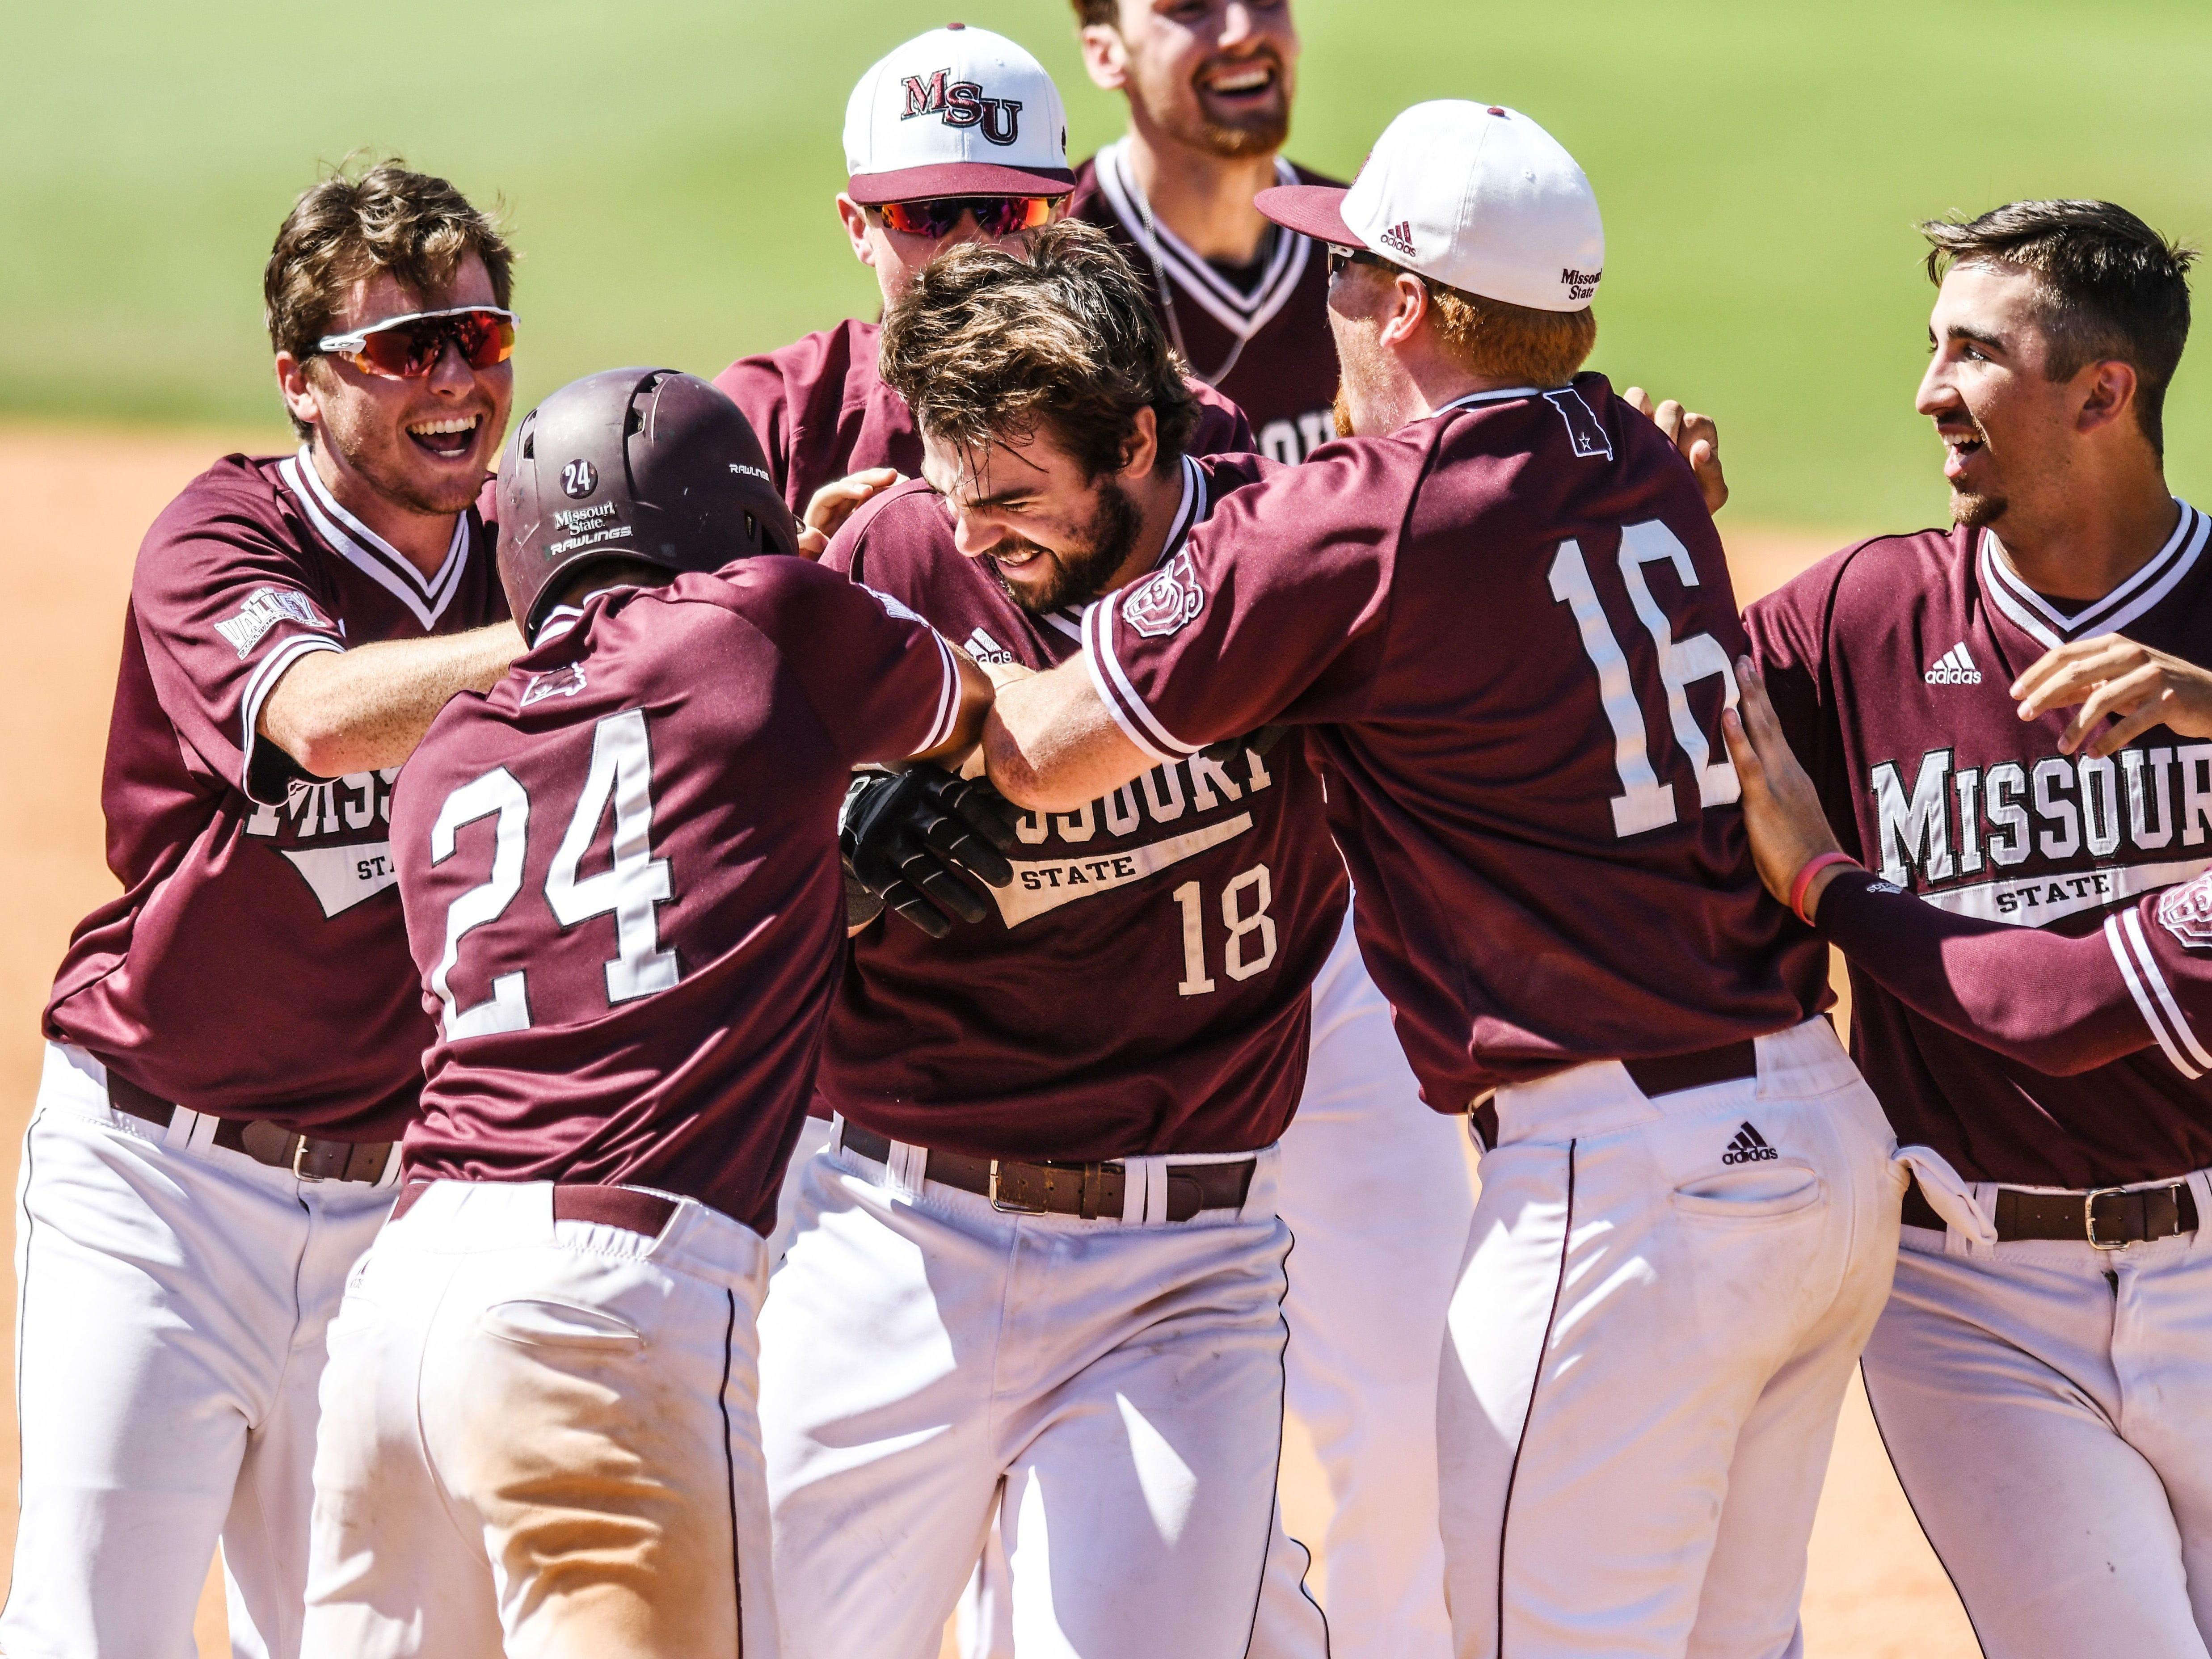 May 27: Missouri State baseball wins MVC title.